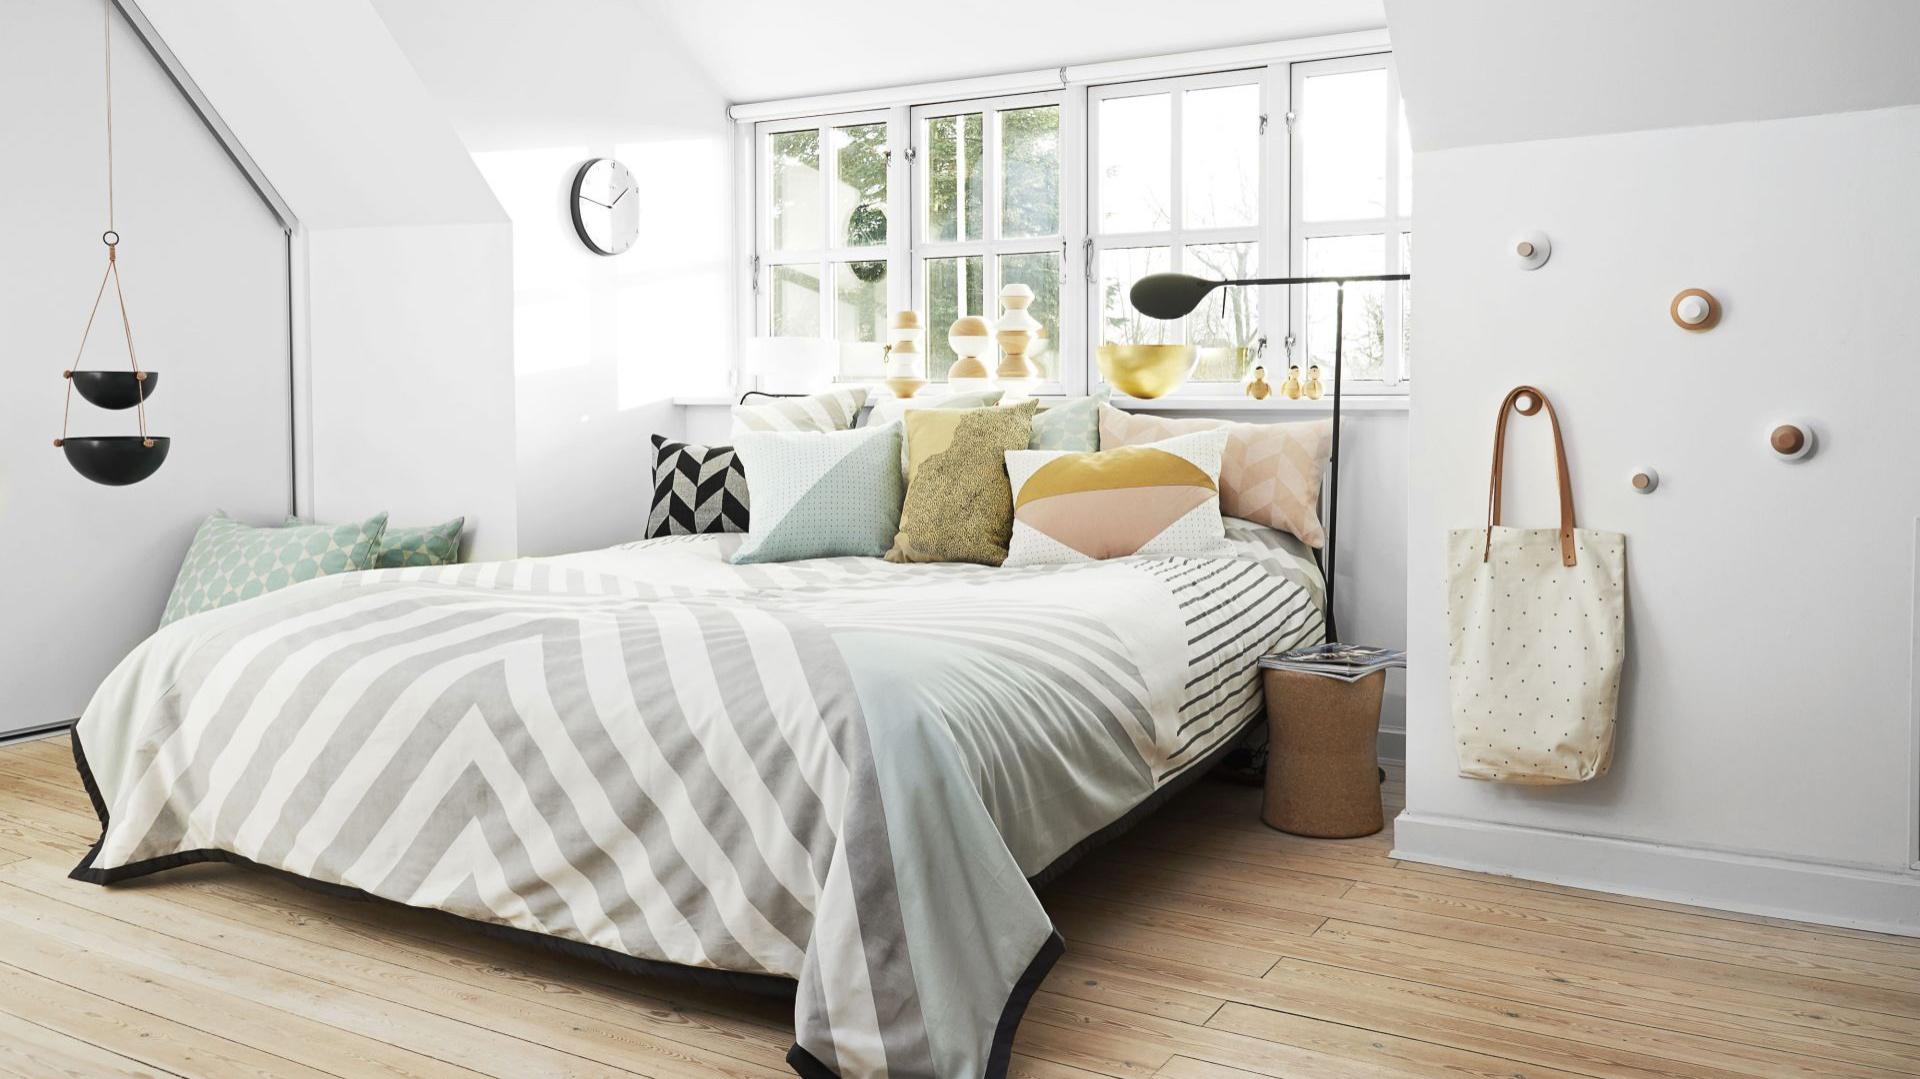 Jasne barwy i proste formy to atrybuty stylu skandynawskiego, który znakomicie sprawdzi się w pomieszczeniu przeznaczonym na sen. Fot. Norsu Interiors.